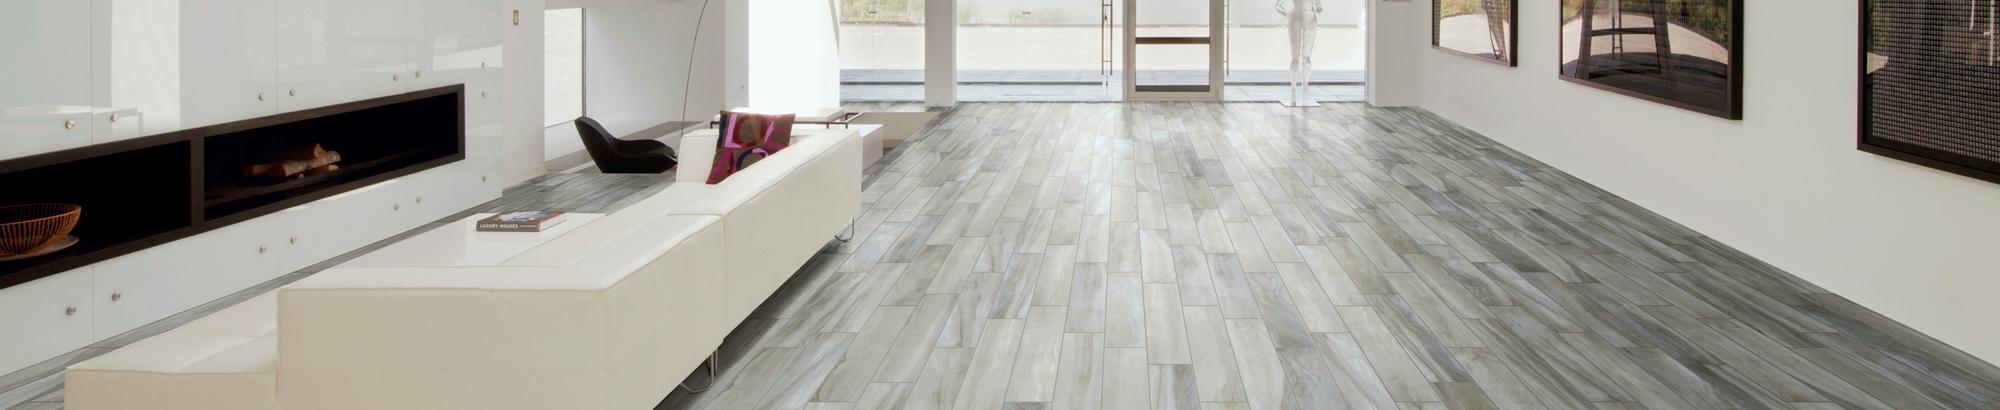 flooringslider